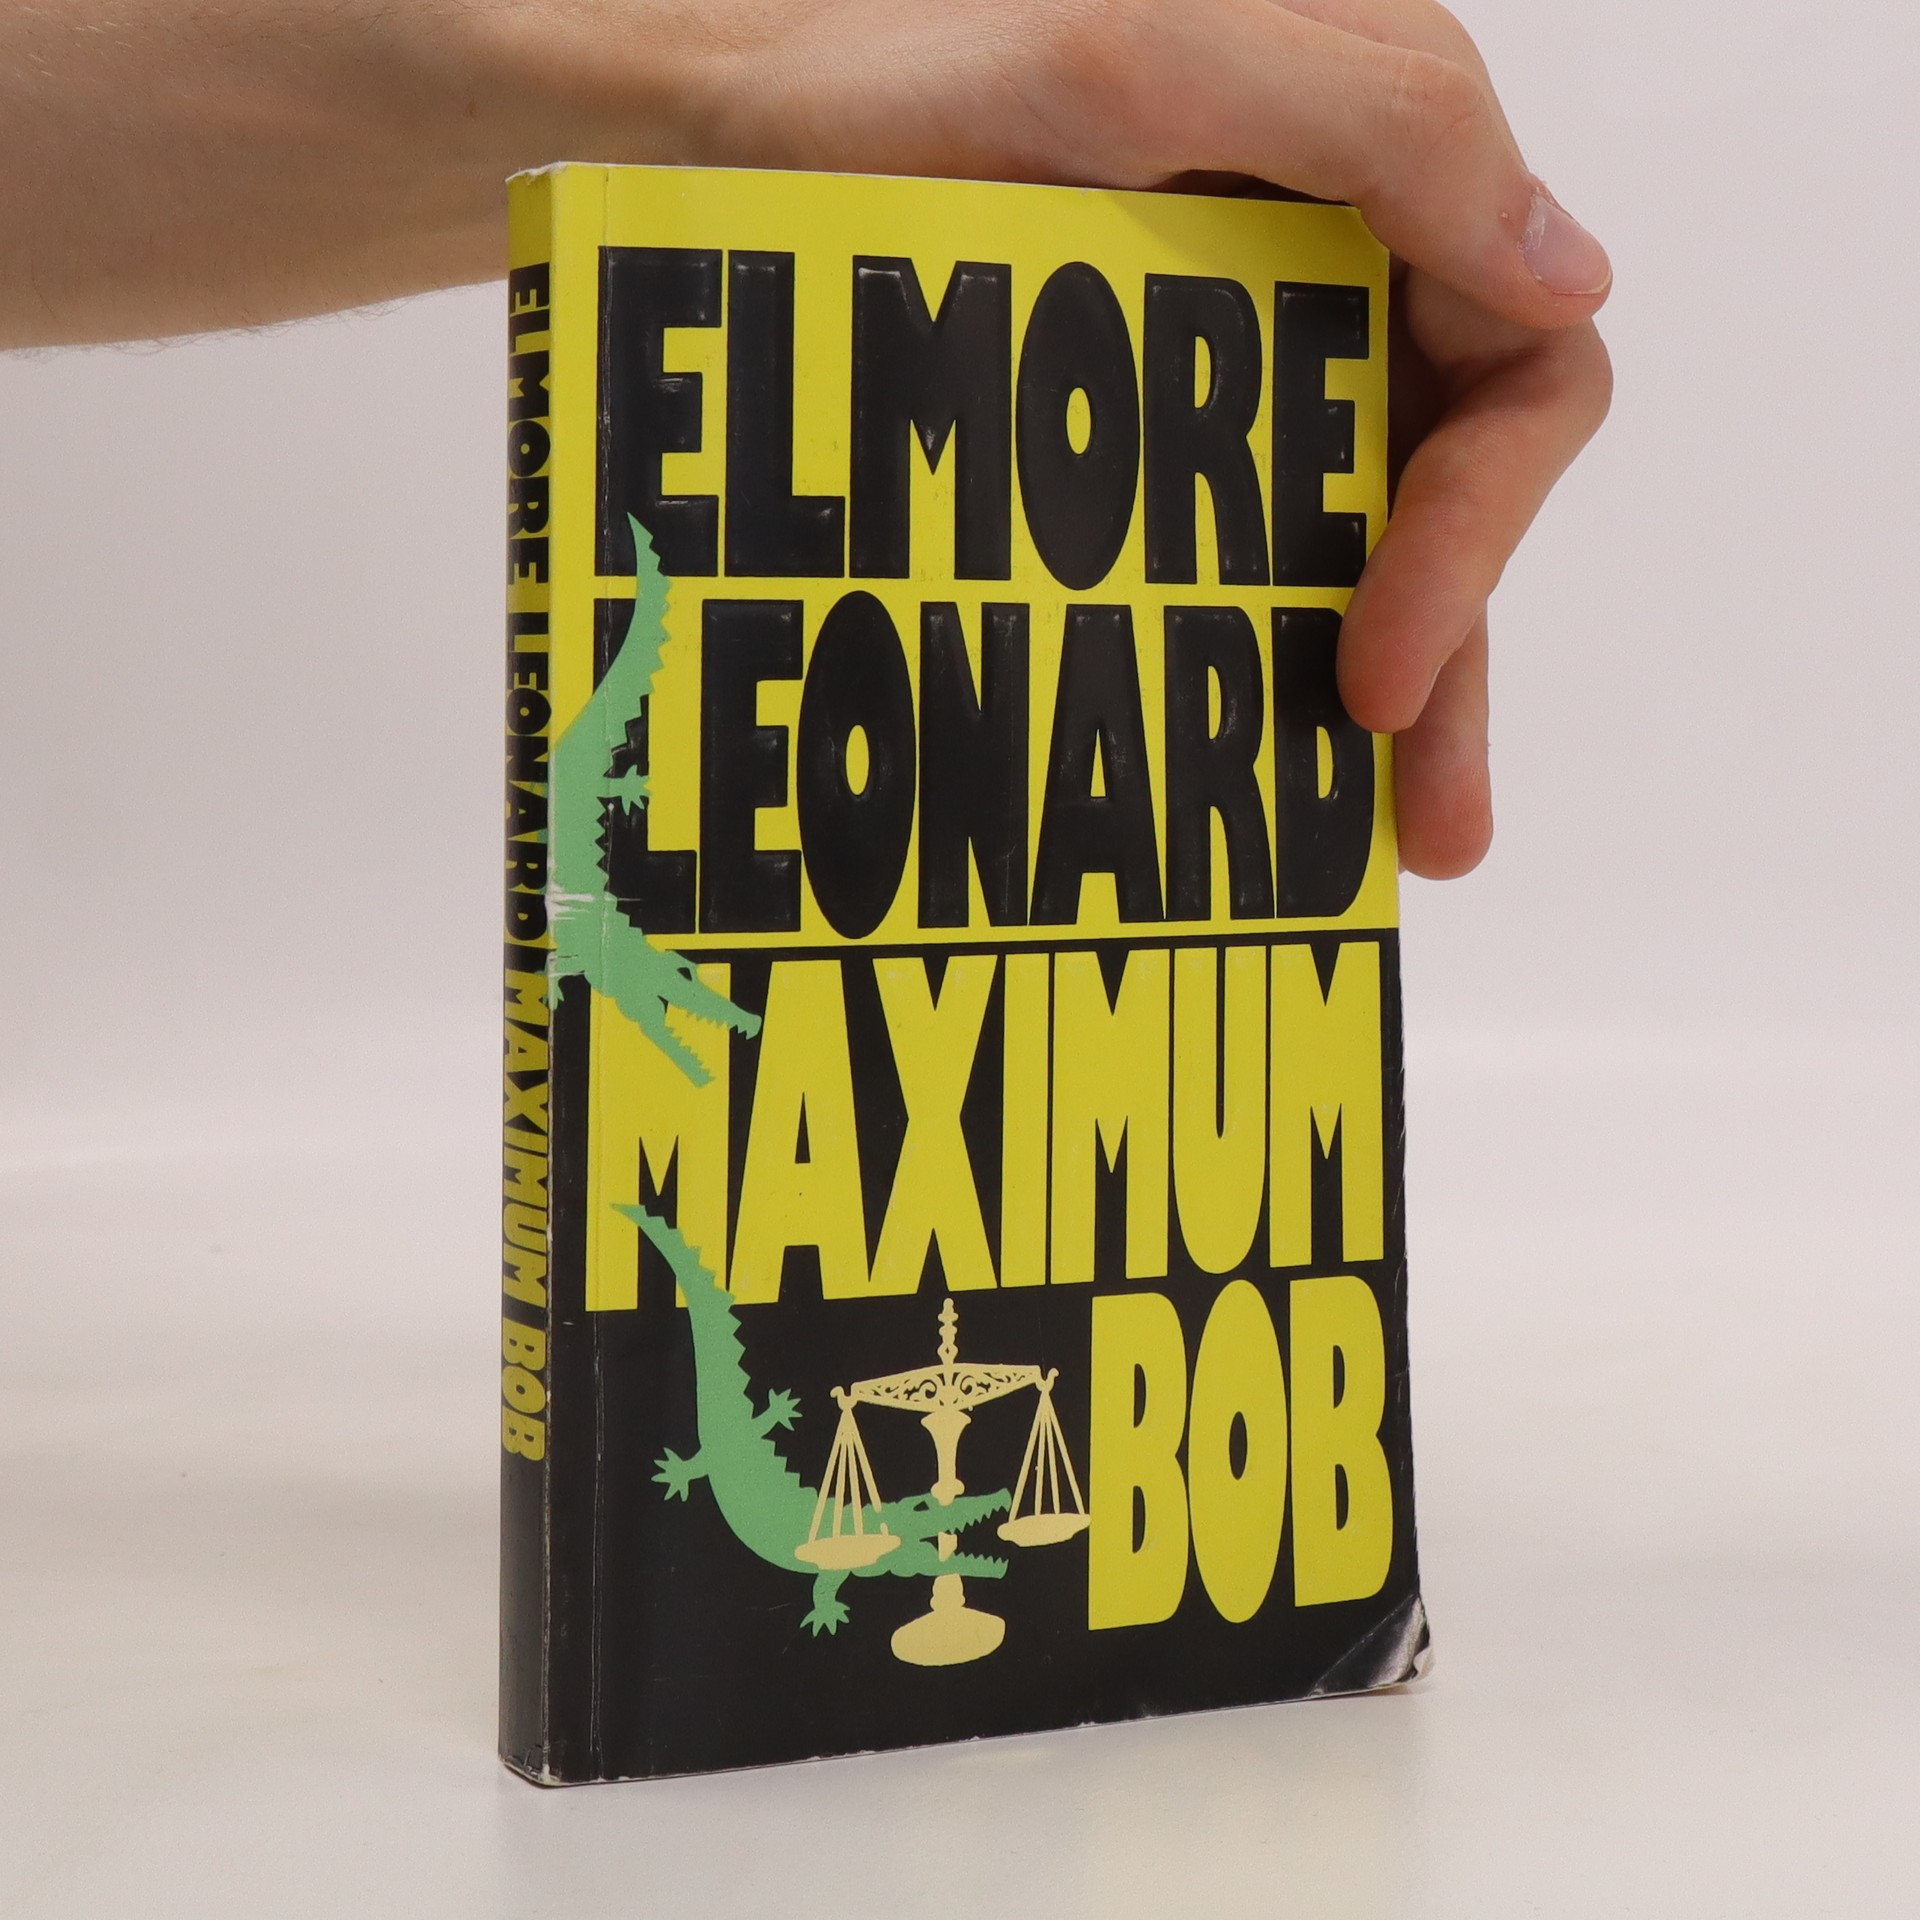 antikvární kniha Maximum Bob, 1992